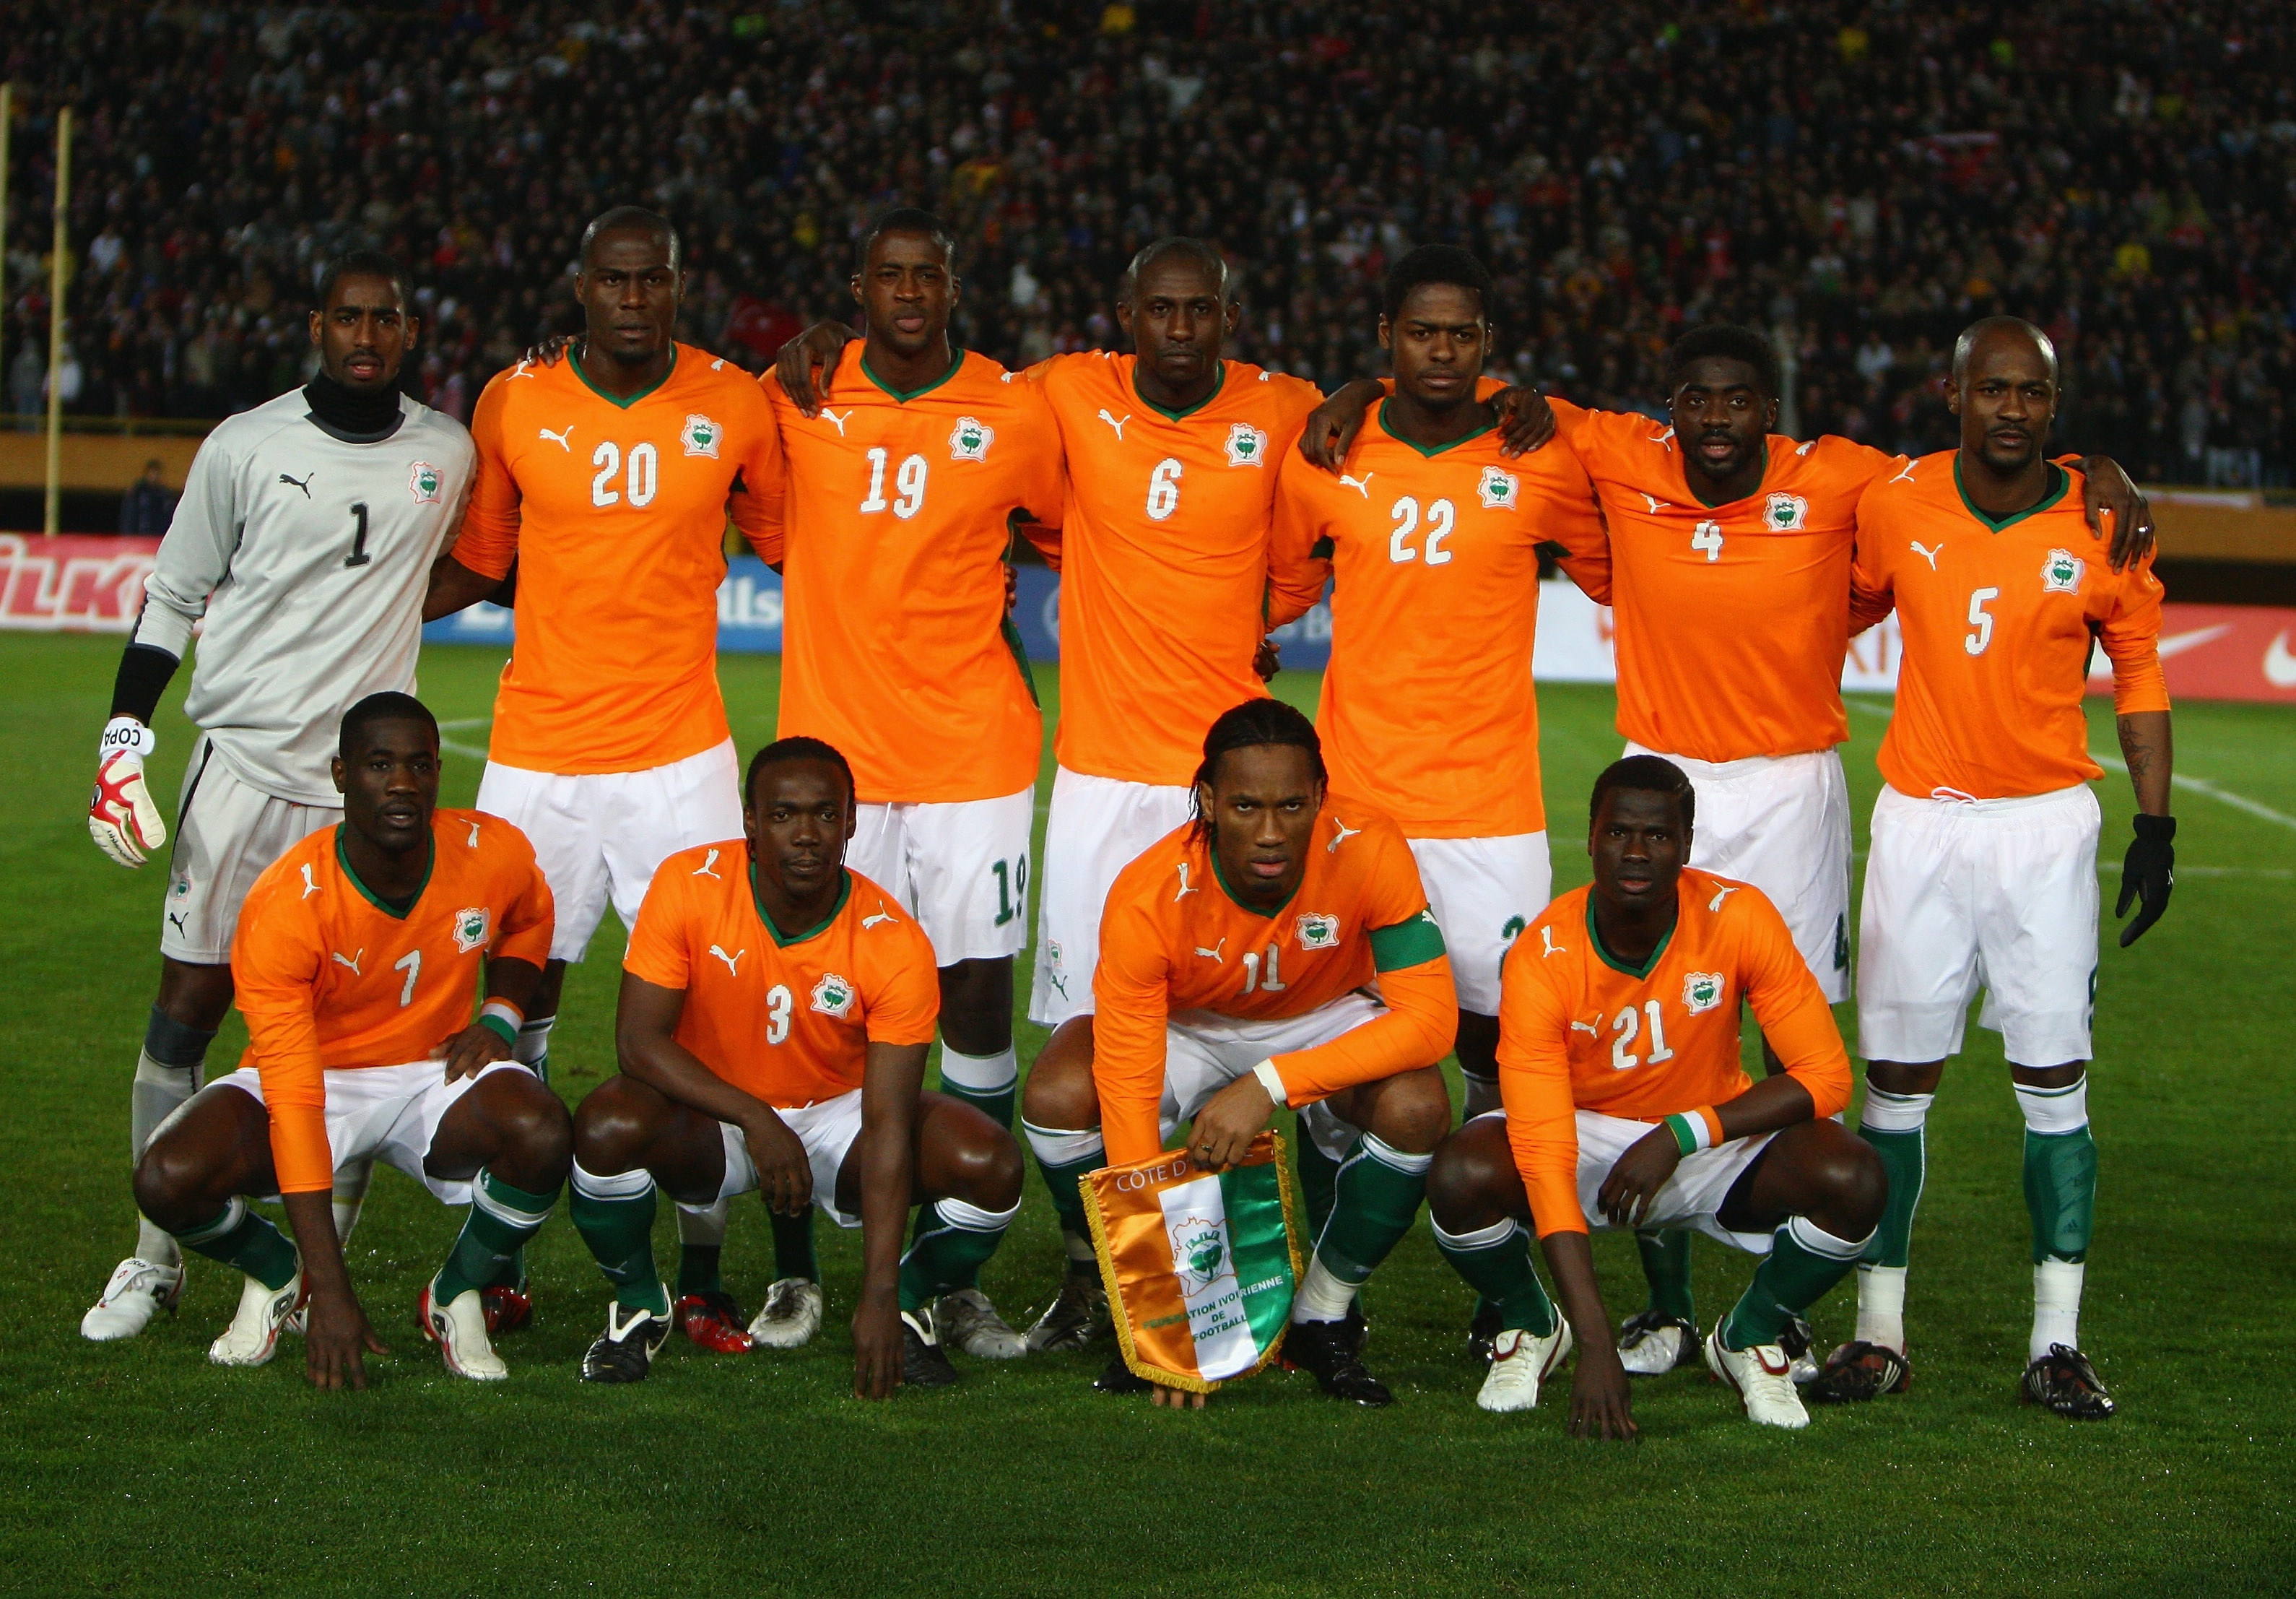 Cote d'Ivoire 2014 World Cup